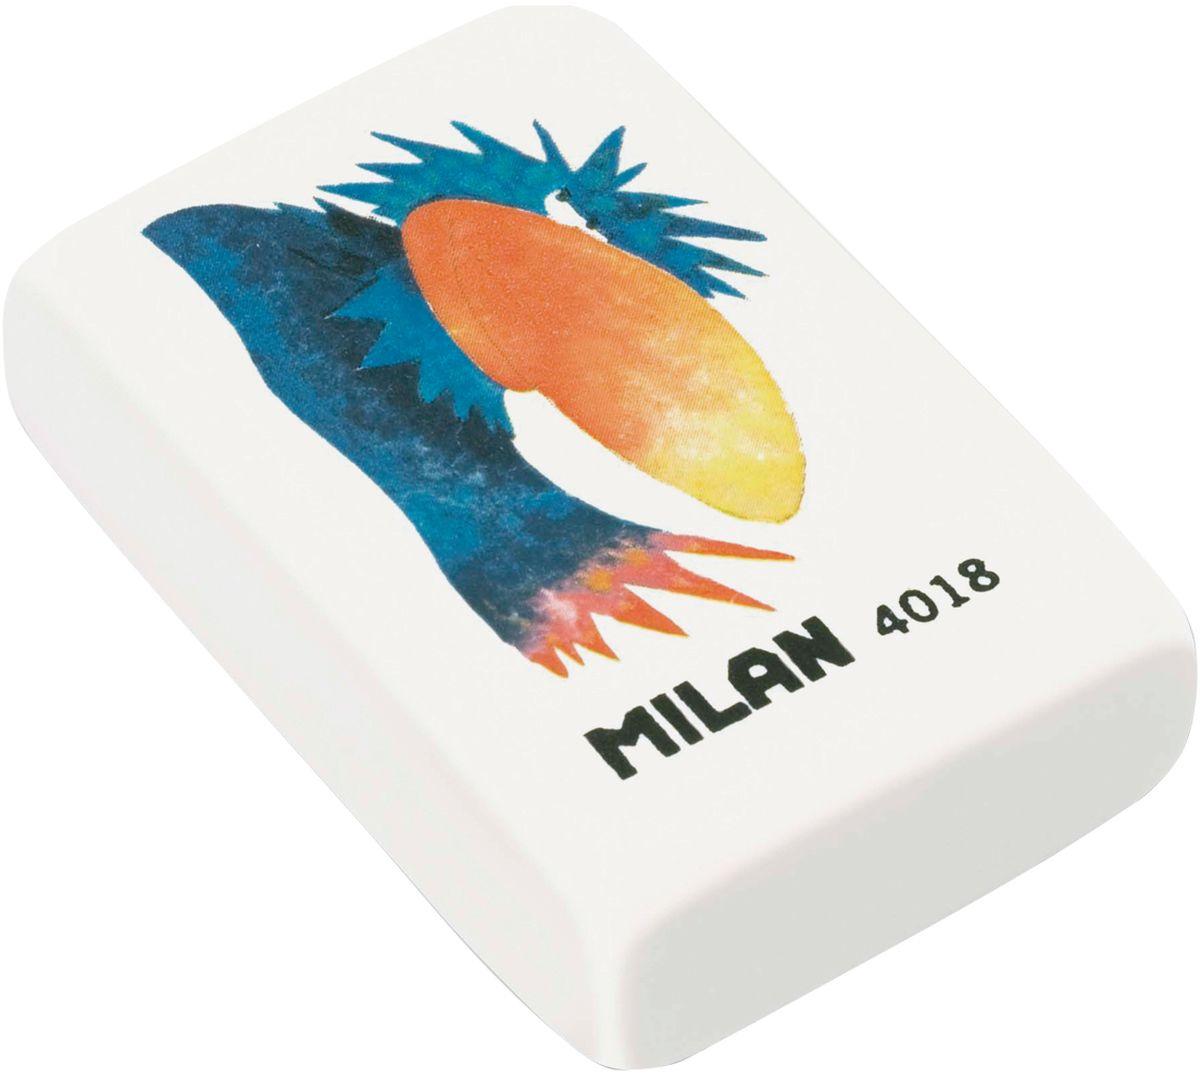 Milan Ластик 4018ЛС-50-527Фирменный дизайн ластика от Milan в классической форме с изображением веселых анимационных персонажей. Великолепное абсорбирующее свойства, бережное отношение к поверхности бумаги.Уважаемые клиенты! Обращаем ваше внимание, что картинки на товаре могут изменяться в зависимости от поступления на склад.